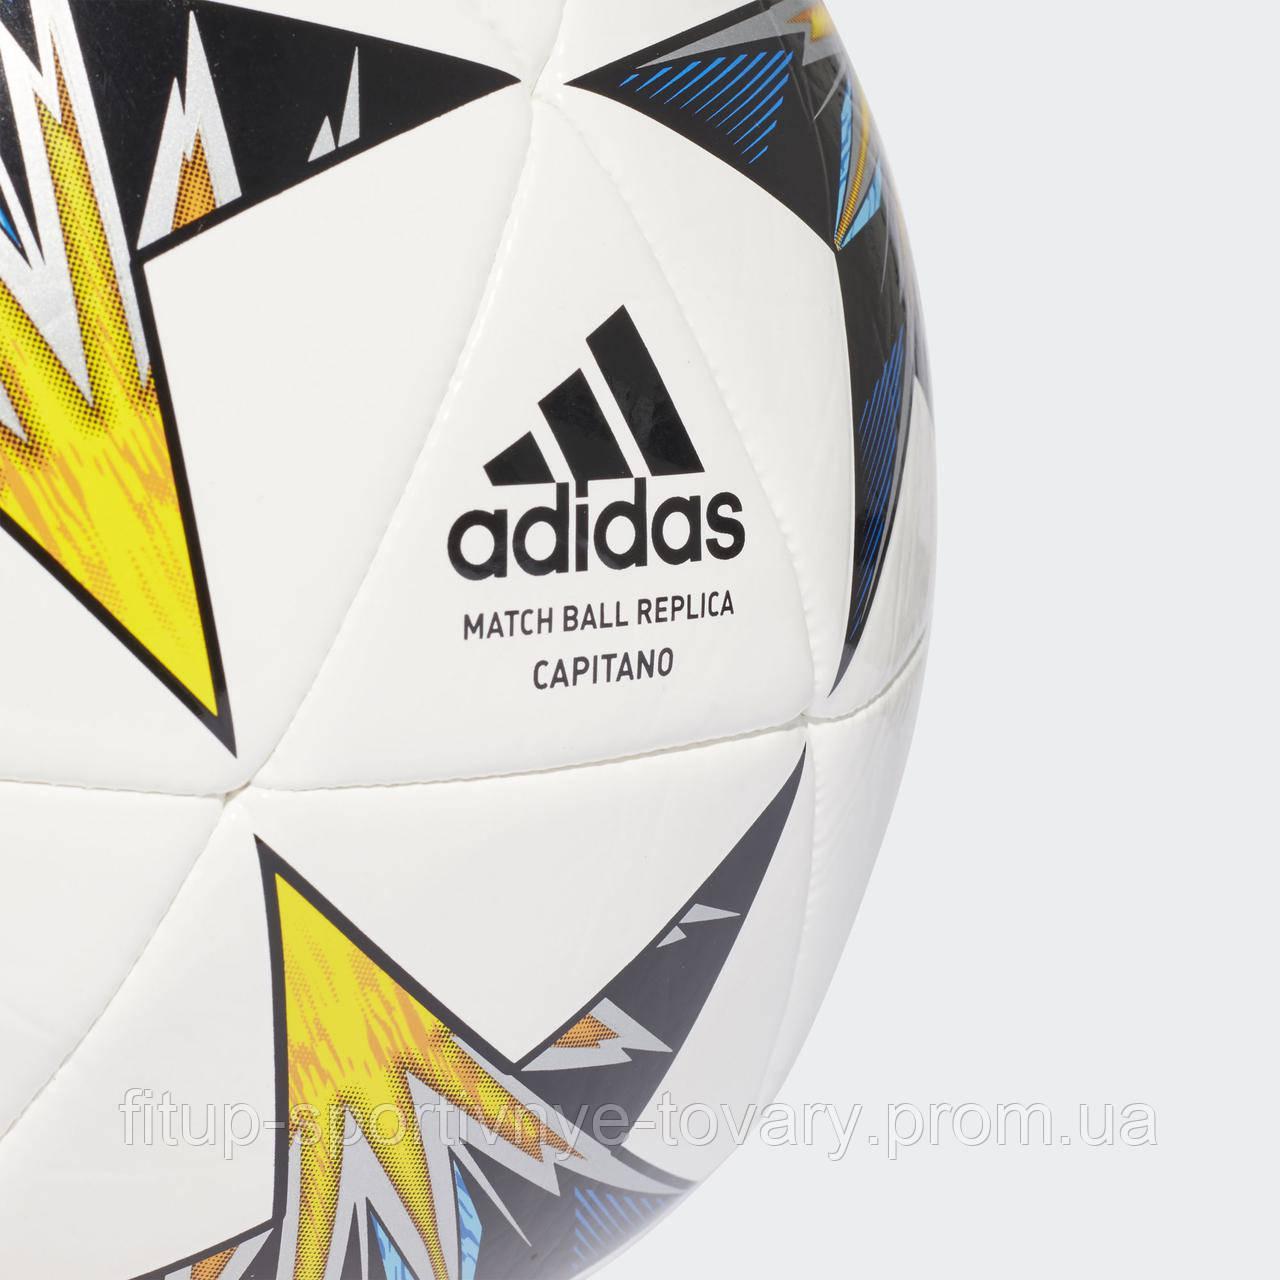 Мяч футбольный Adidas Finale Kiev 2018 Capitano Match Ball Replica CF1197 7250c1321ef97